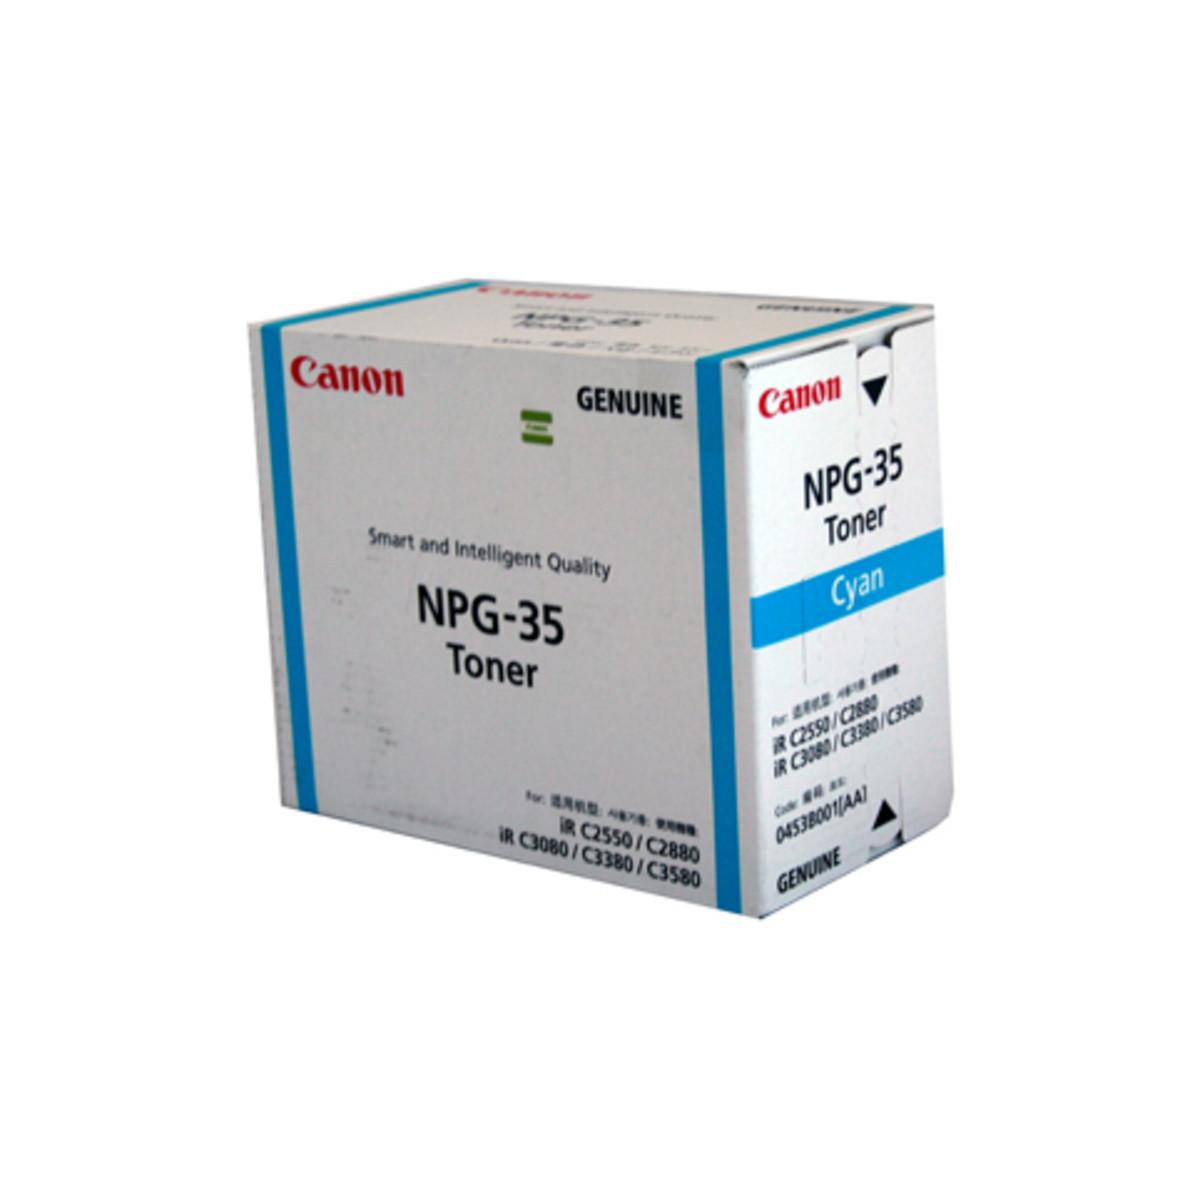 Canon GP-R23(TG-35C) Cyan Toner Cartridge